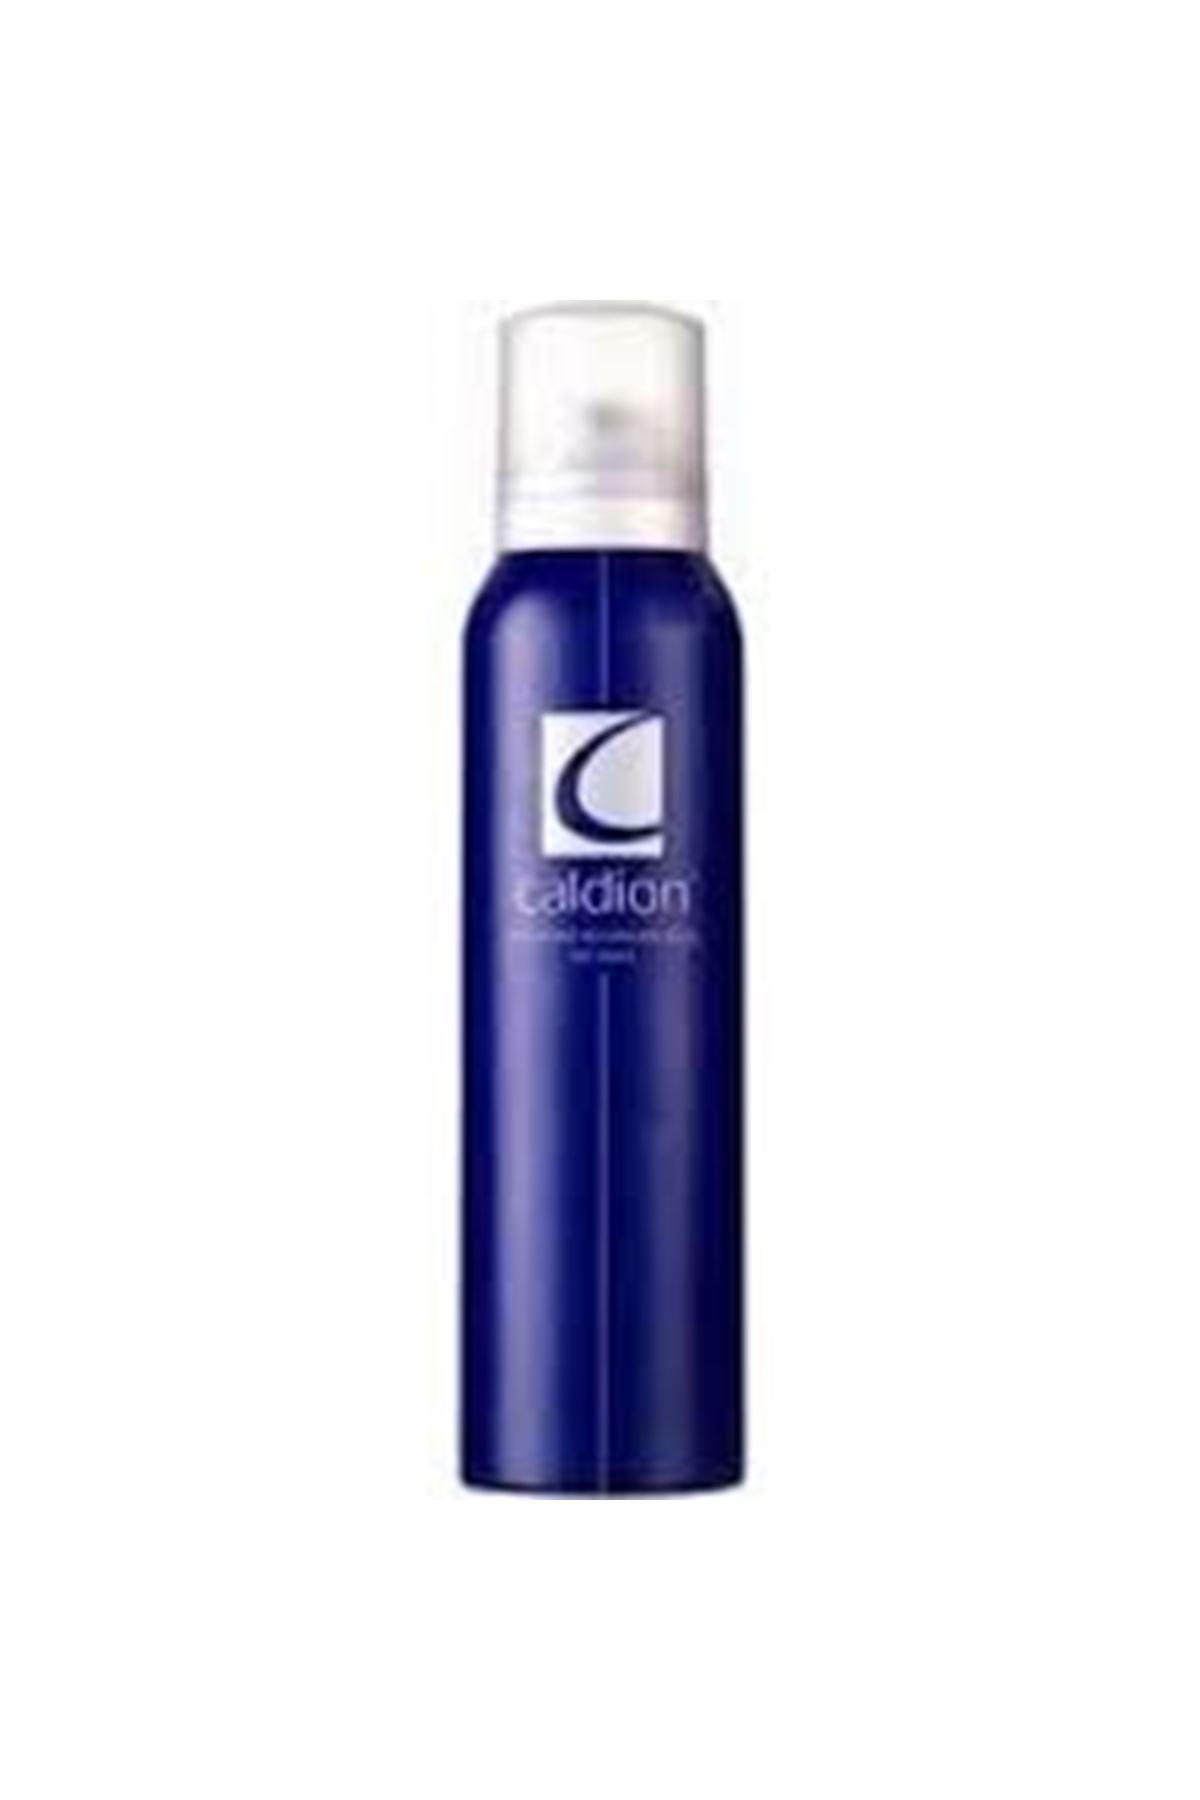 CALDION Deodorant Erkek 150ML